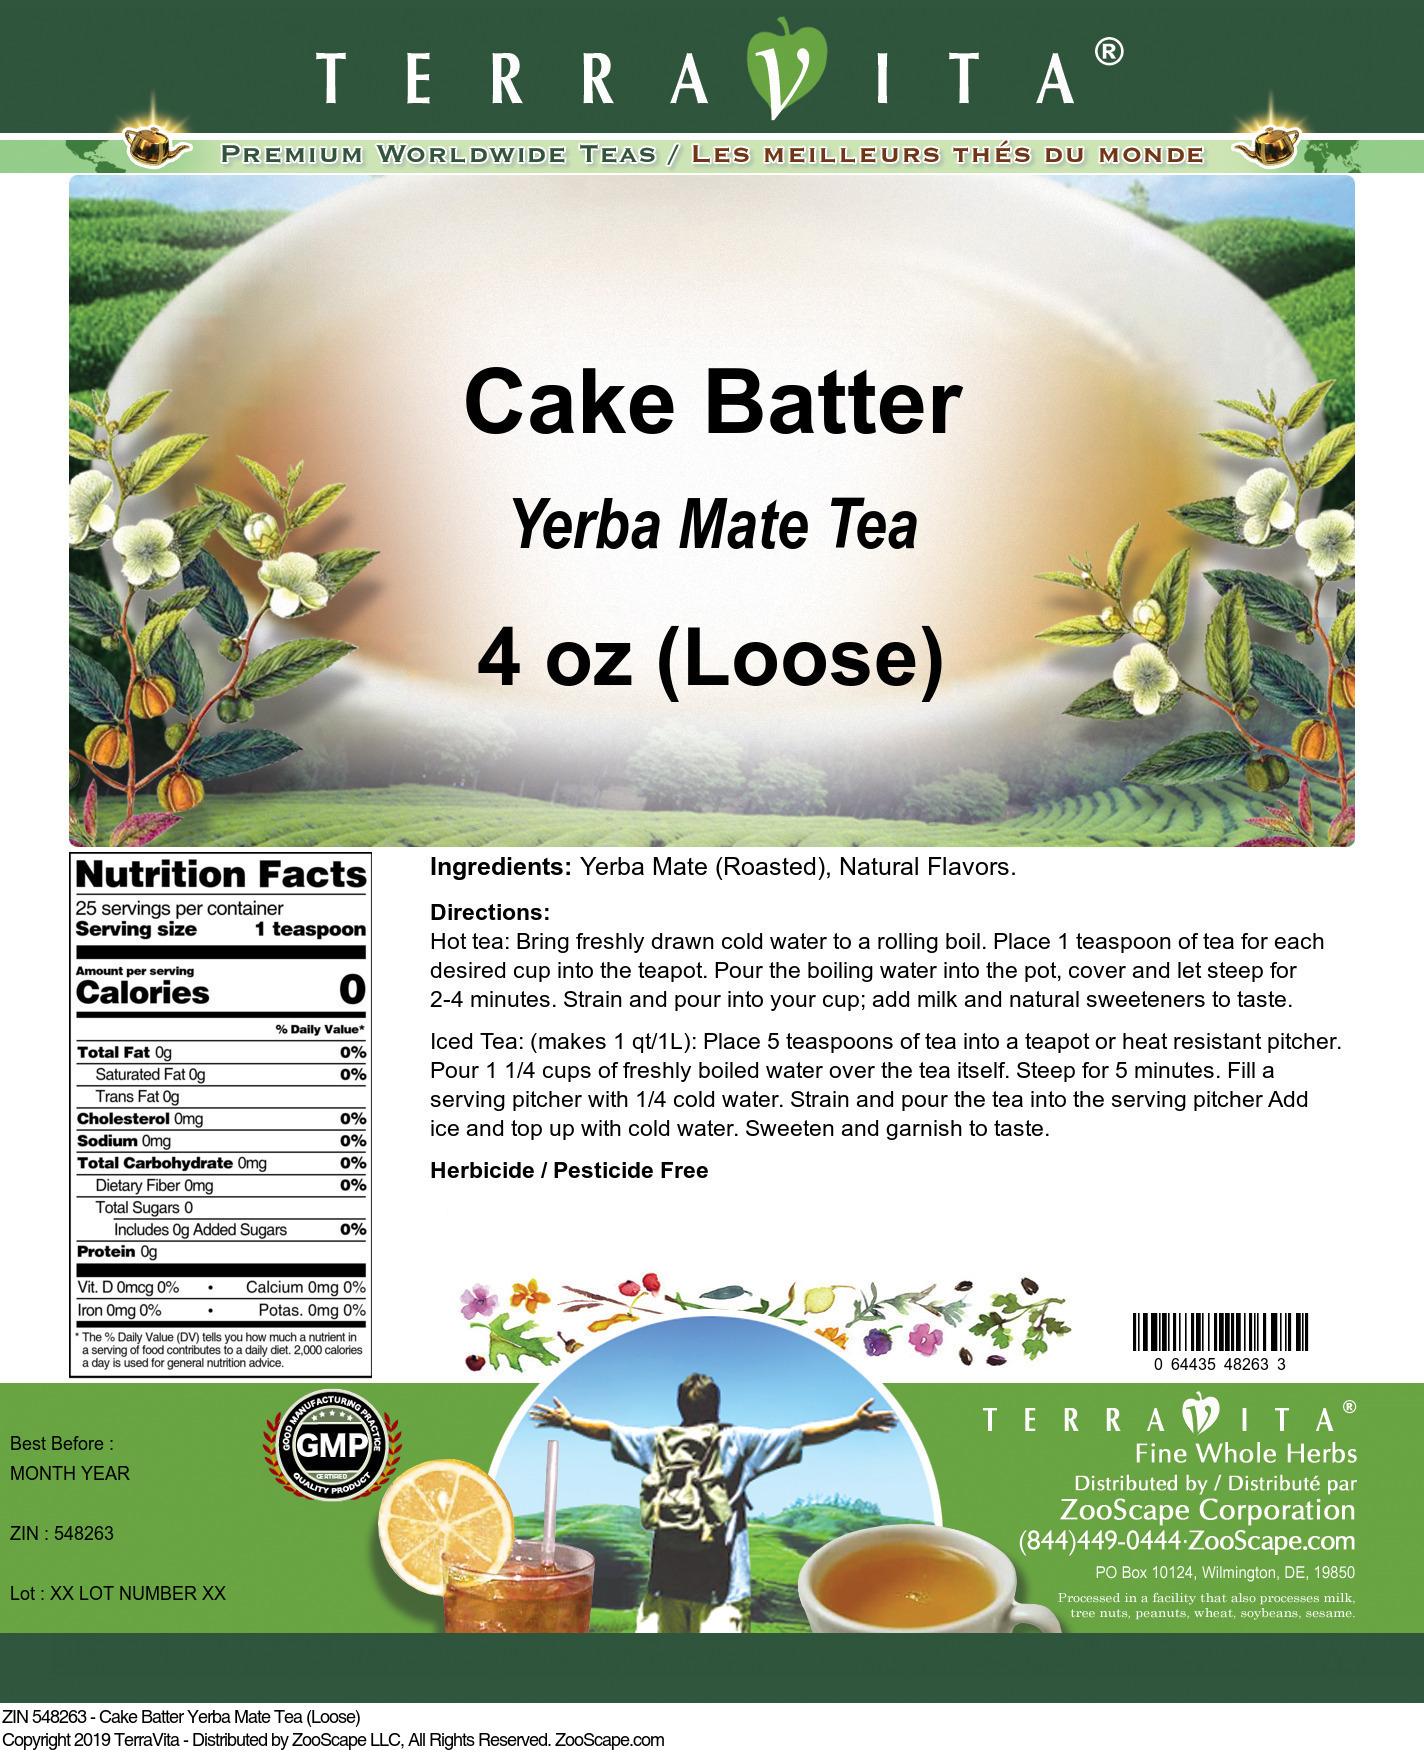 Cake Batter Yerba Mate Tea (Loose)